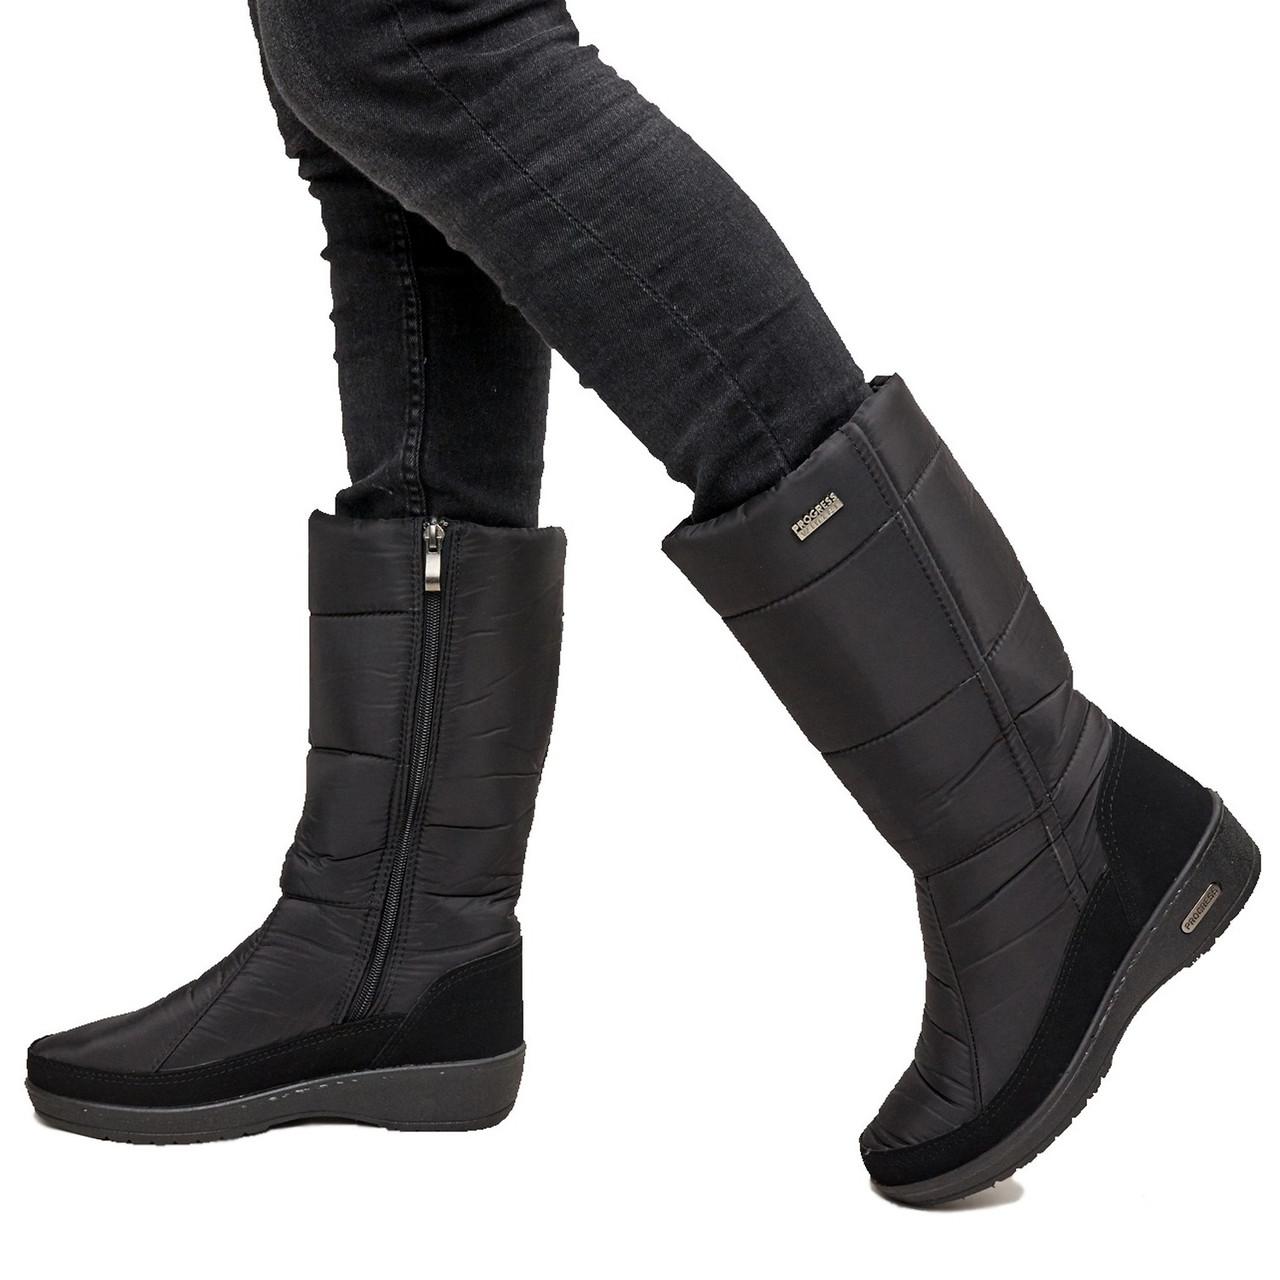 Жіночі зимові чоботи теплі і зручні (ПР-2002чн)